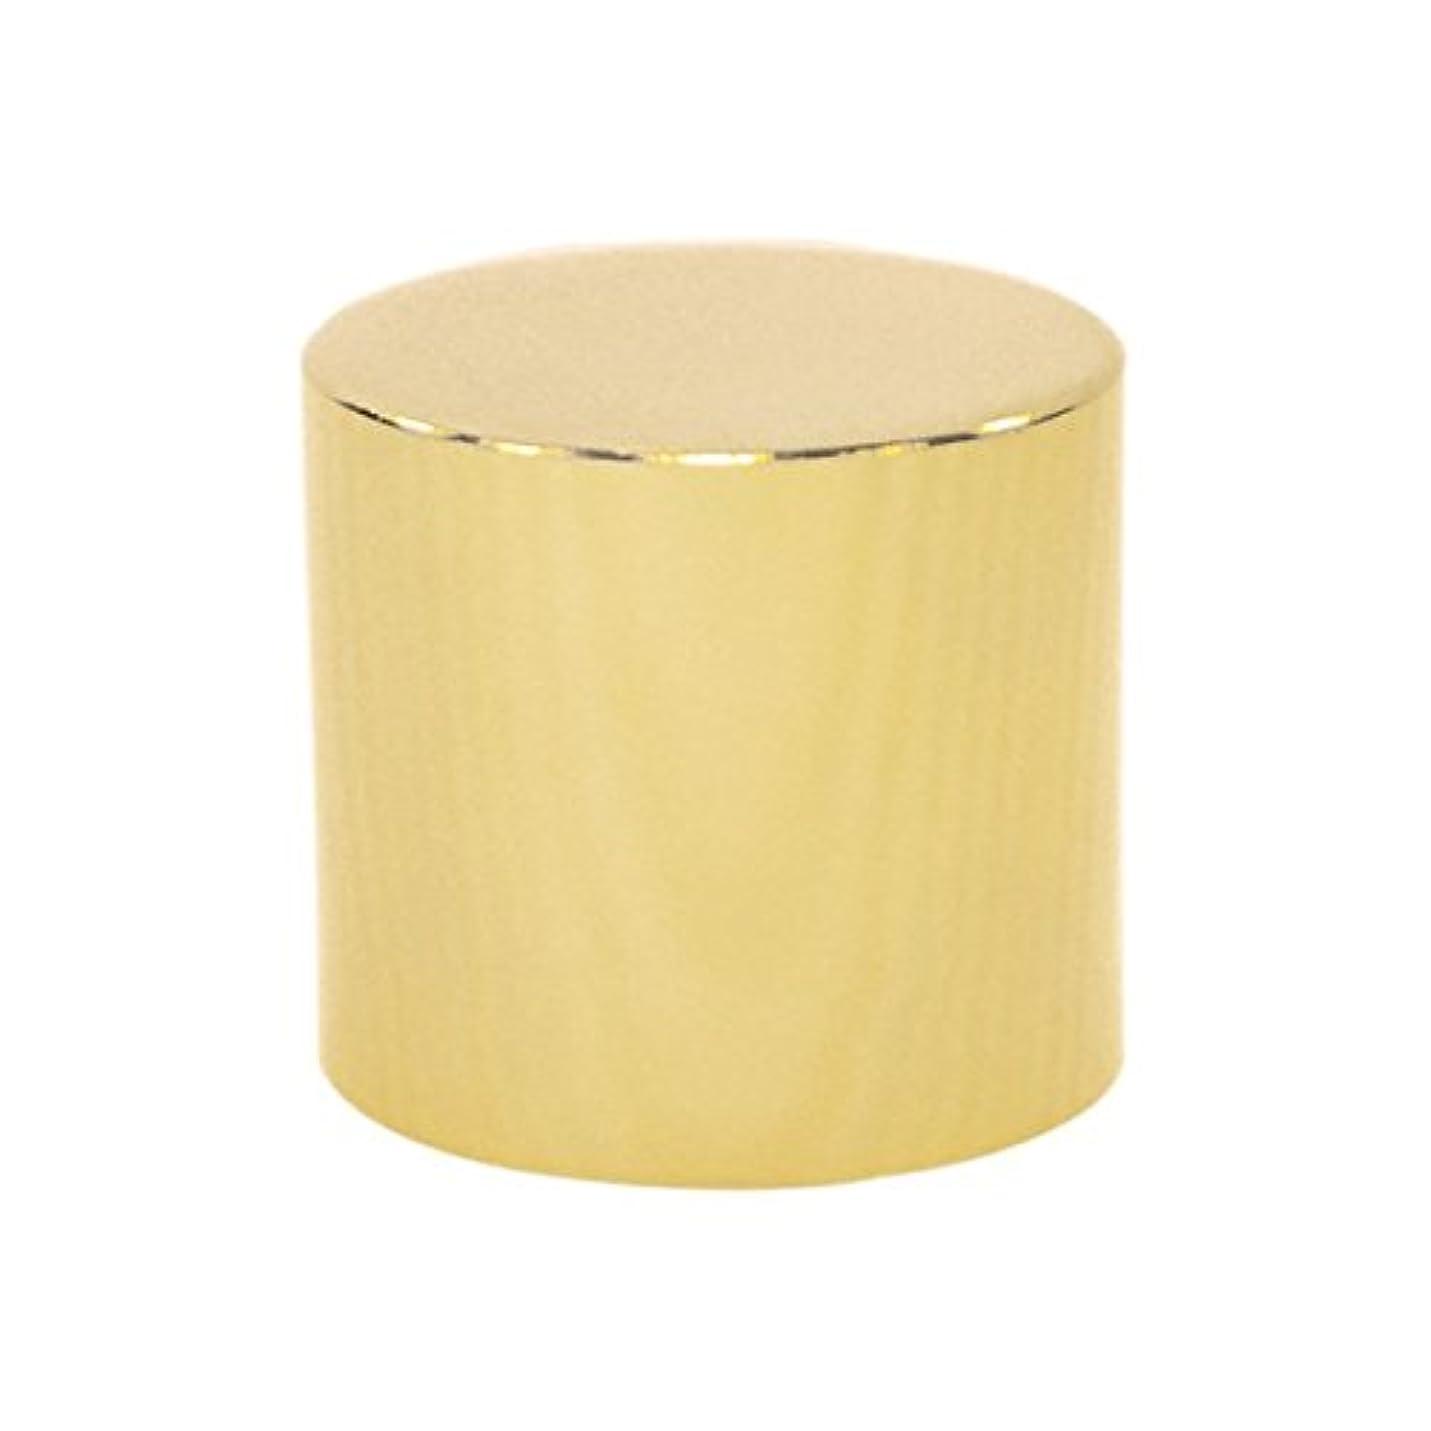 抑制哀れな感性ランプベルジェ(LAMPE BERGER)消火キャップ【正規輸入品】密閉蓋ゴールド